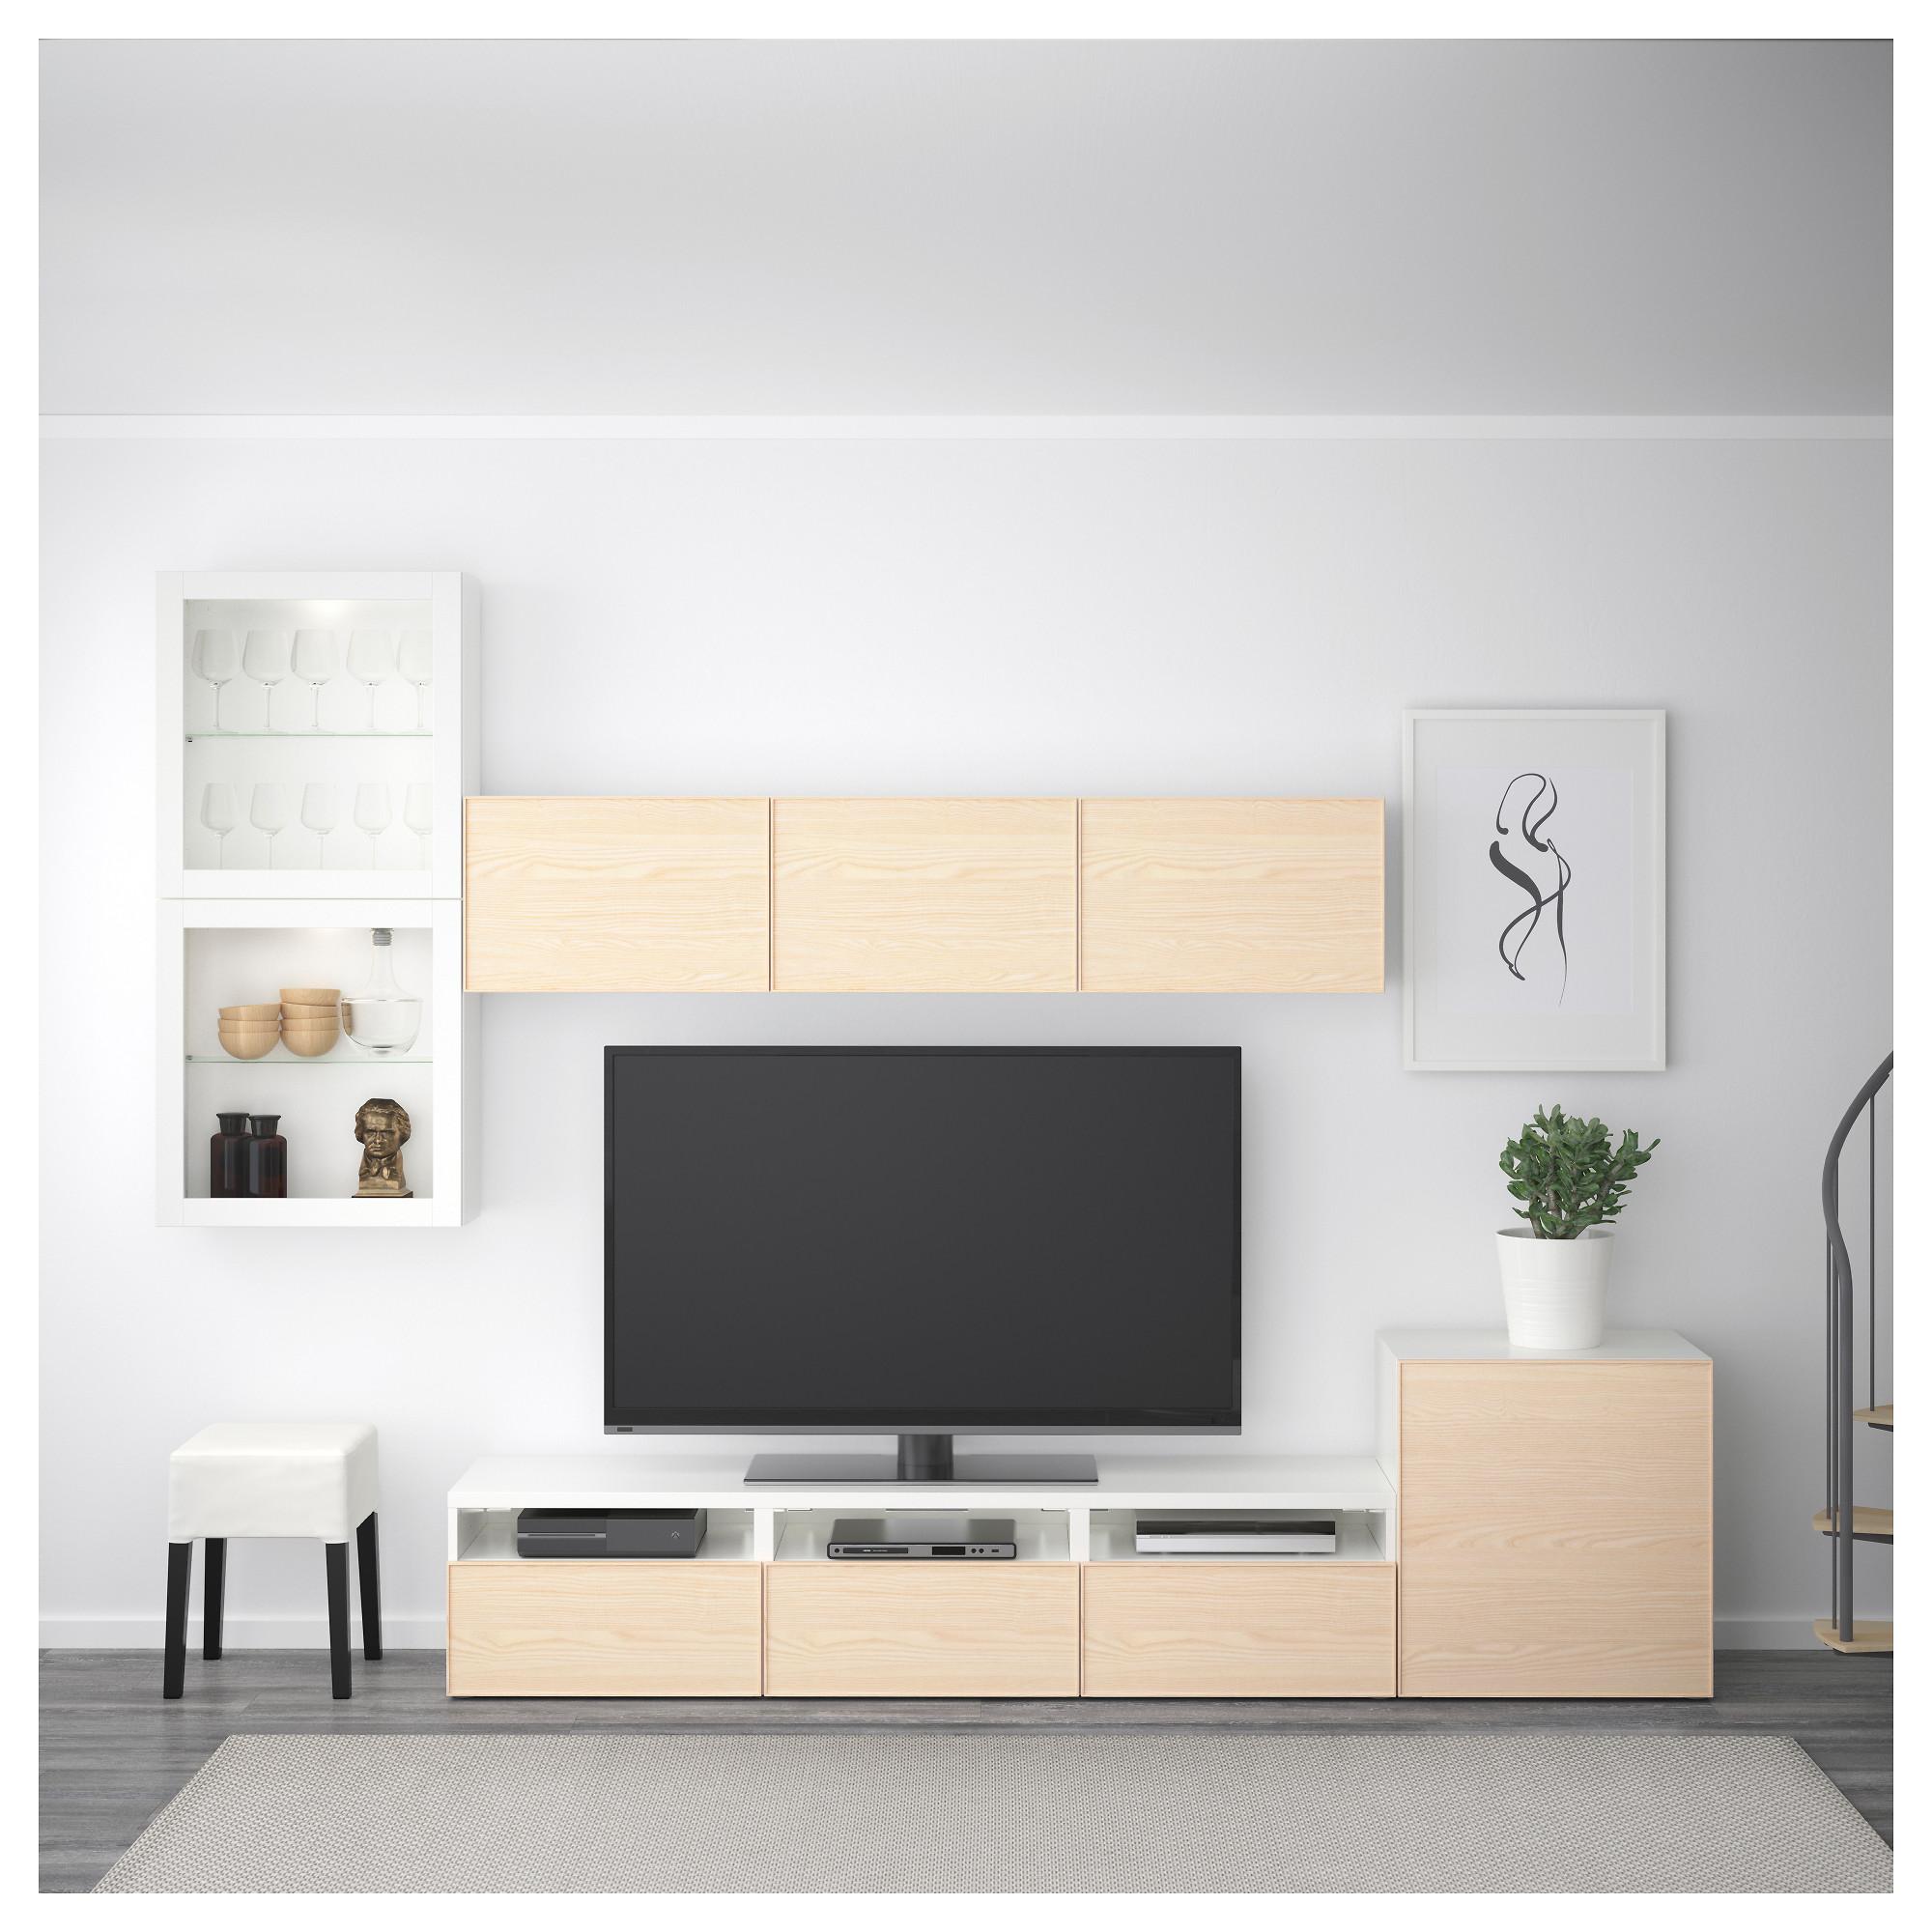 Шкаф для ТВ, комбинированный, стекляные дверцы БЕСТО белый артикуль № 892.522.16 в наличии. Интернет сайт IKEA Республика Беларусь. Быстрая доставка и соборка.